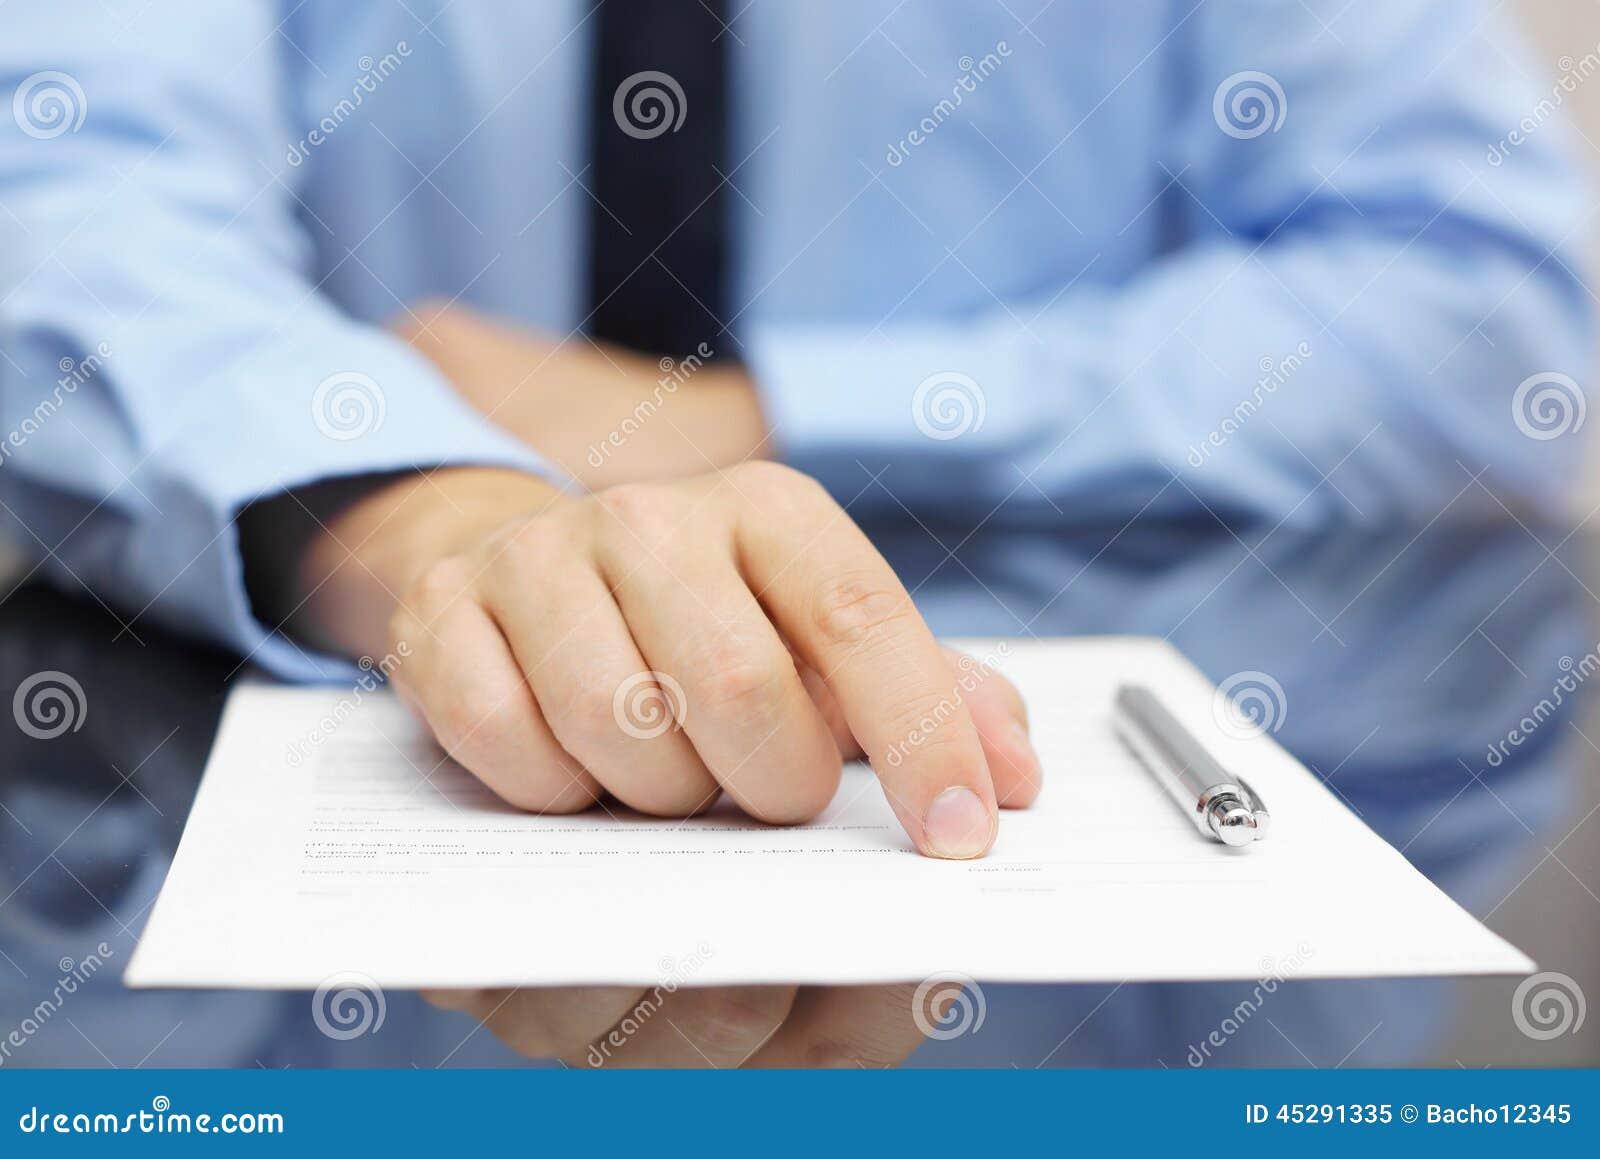 Biznesmena przedstawienia klient gdzie podpisywać